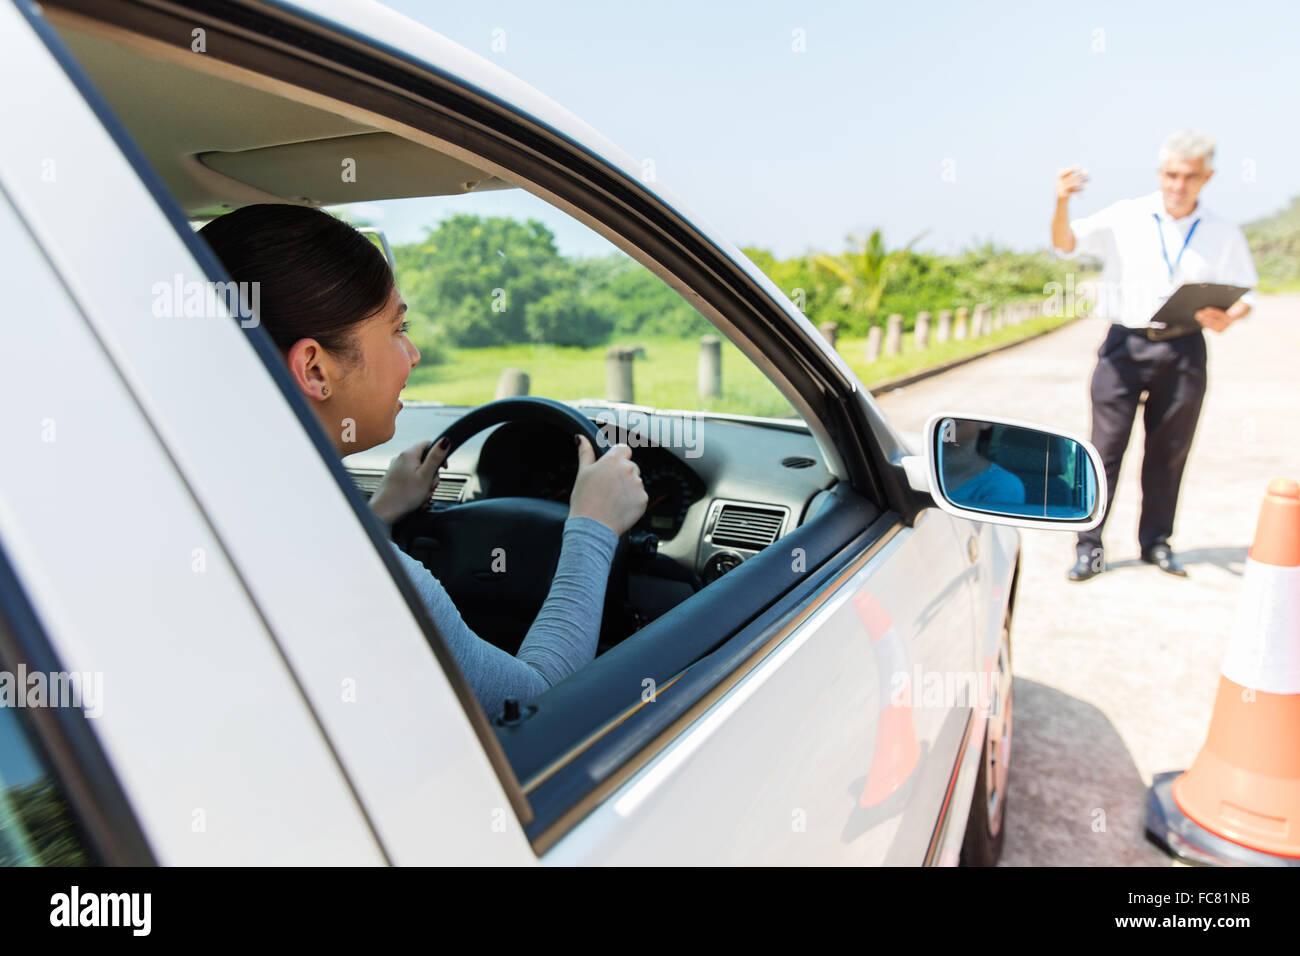 Felice giovane studente autista con istruttore di guida di apprendimento il parcheggio di un'autovettura Immagini Stock